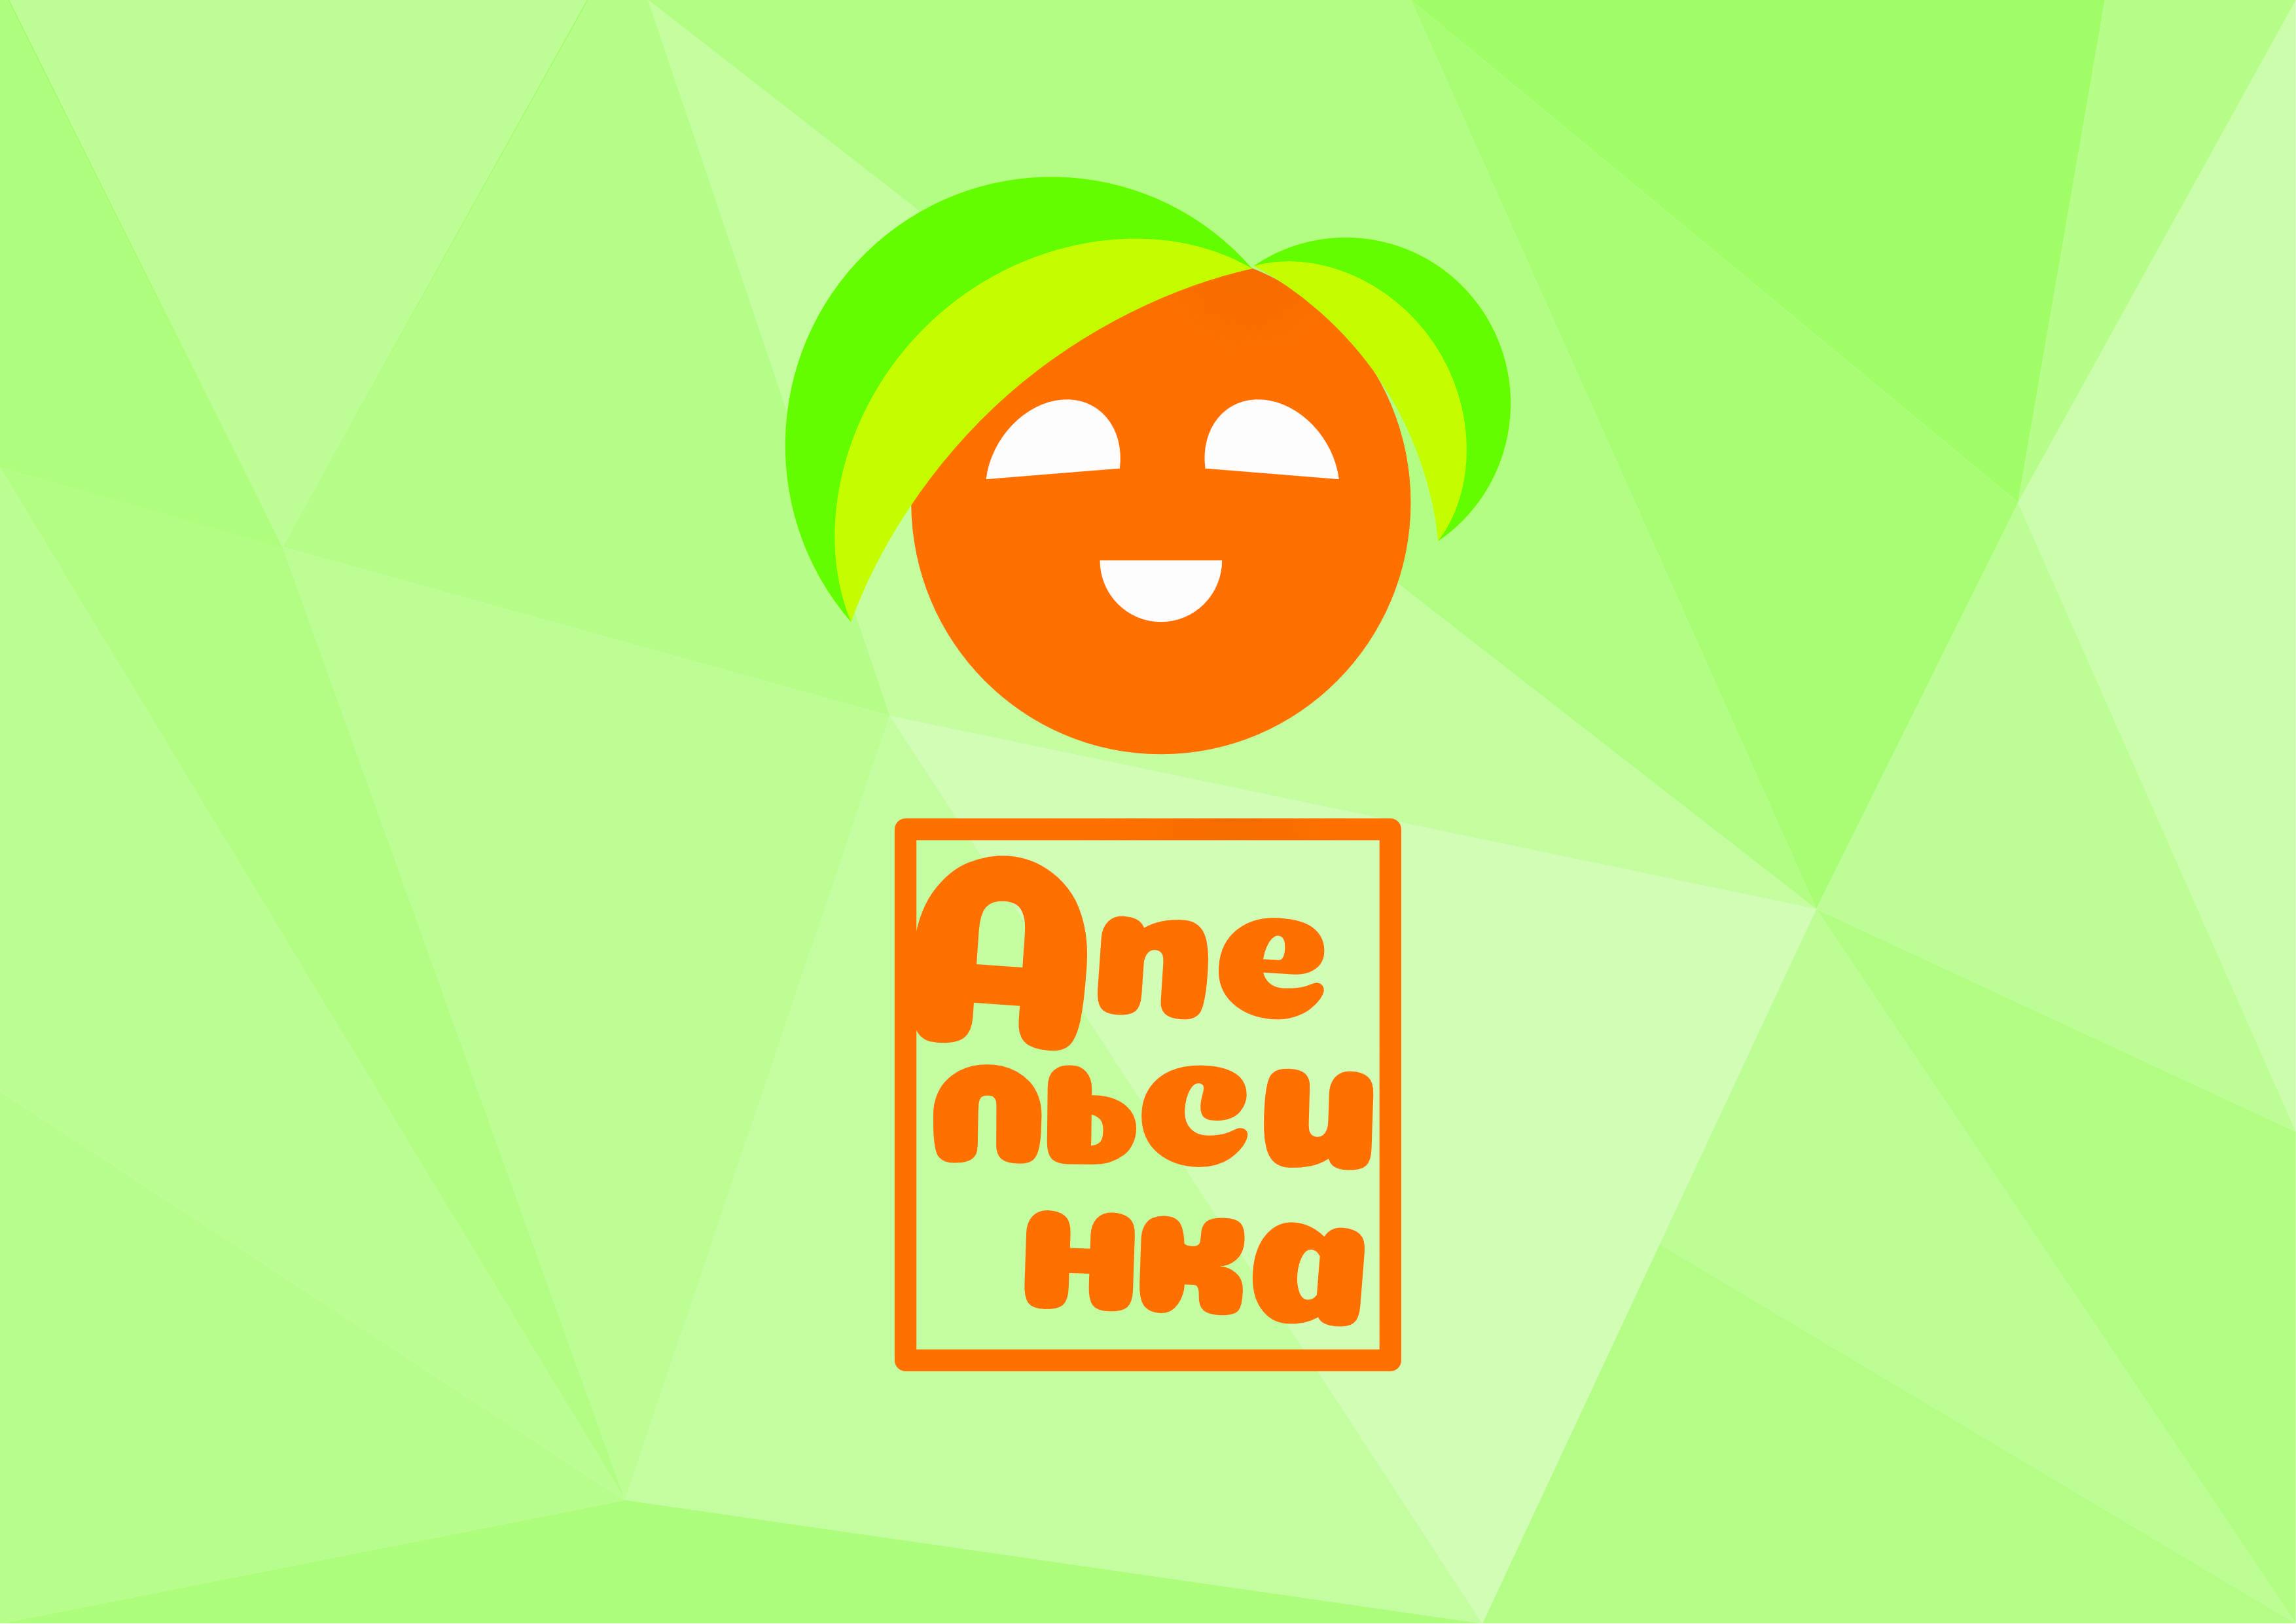 Нейминг + лого продуктовый минимаркет  фото f_7625c05cce1d9782.jpg